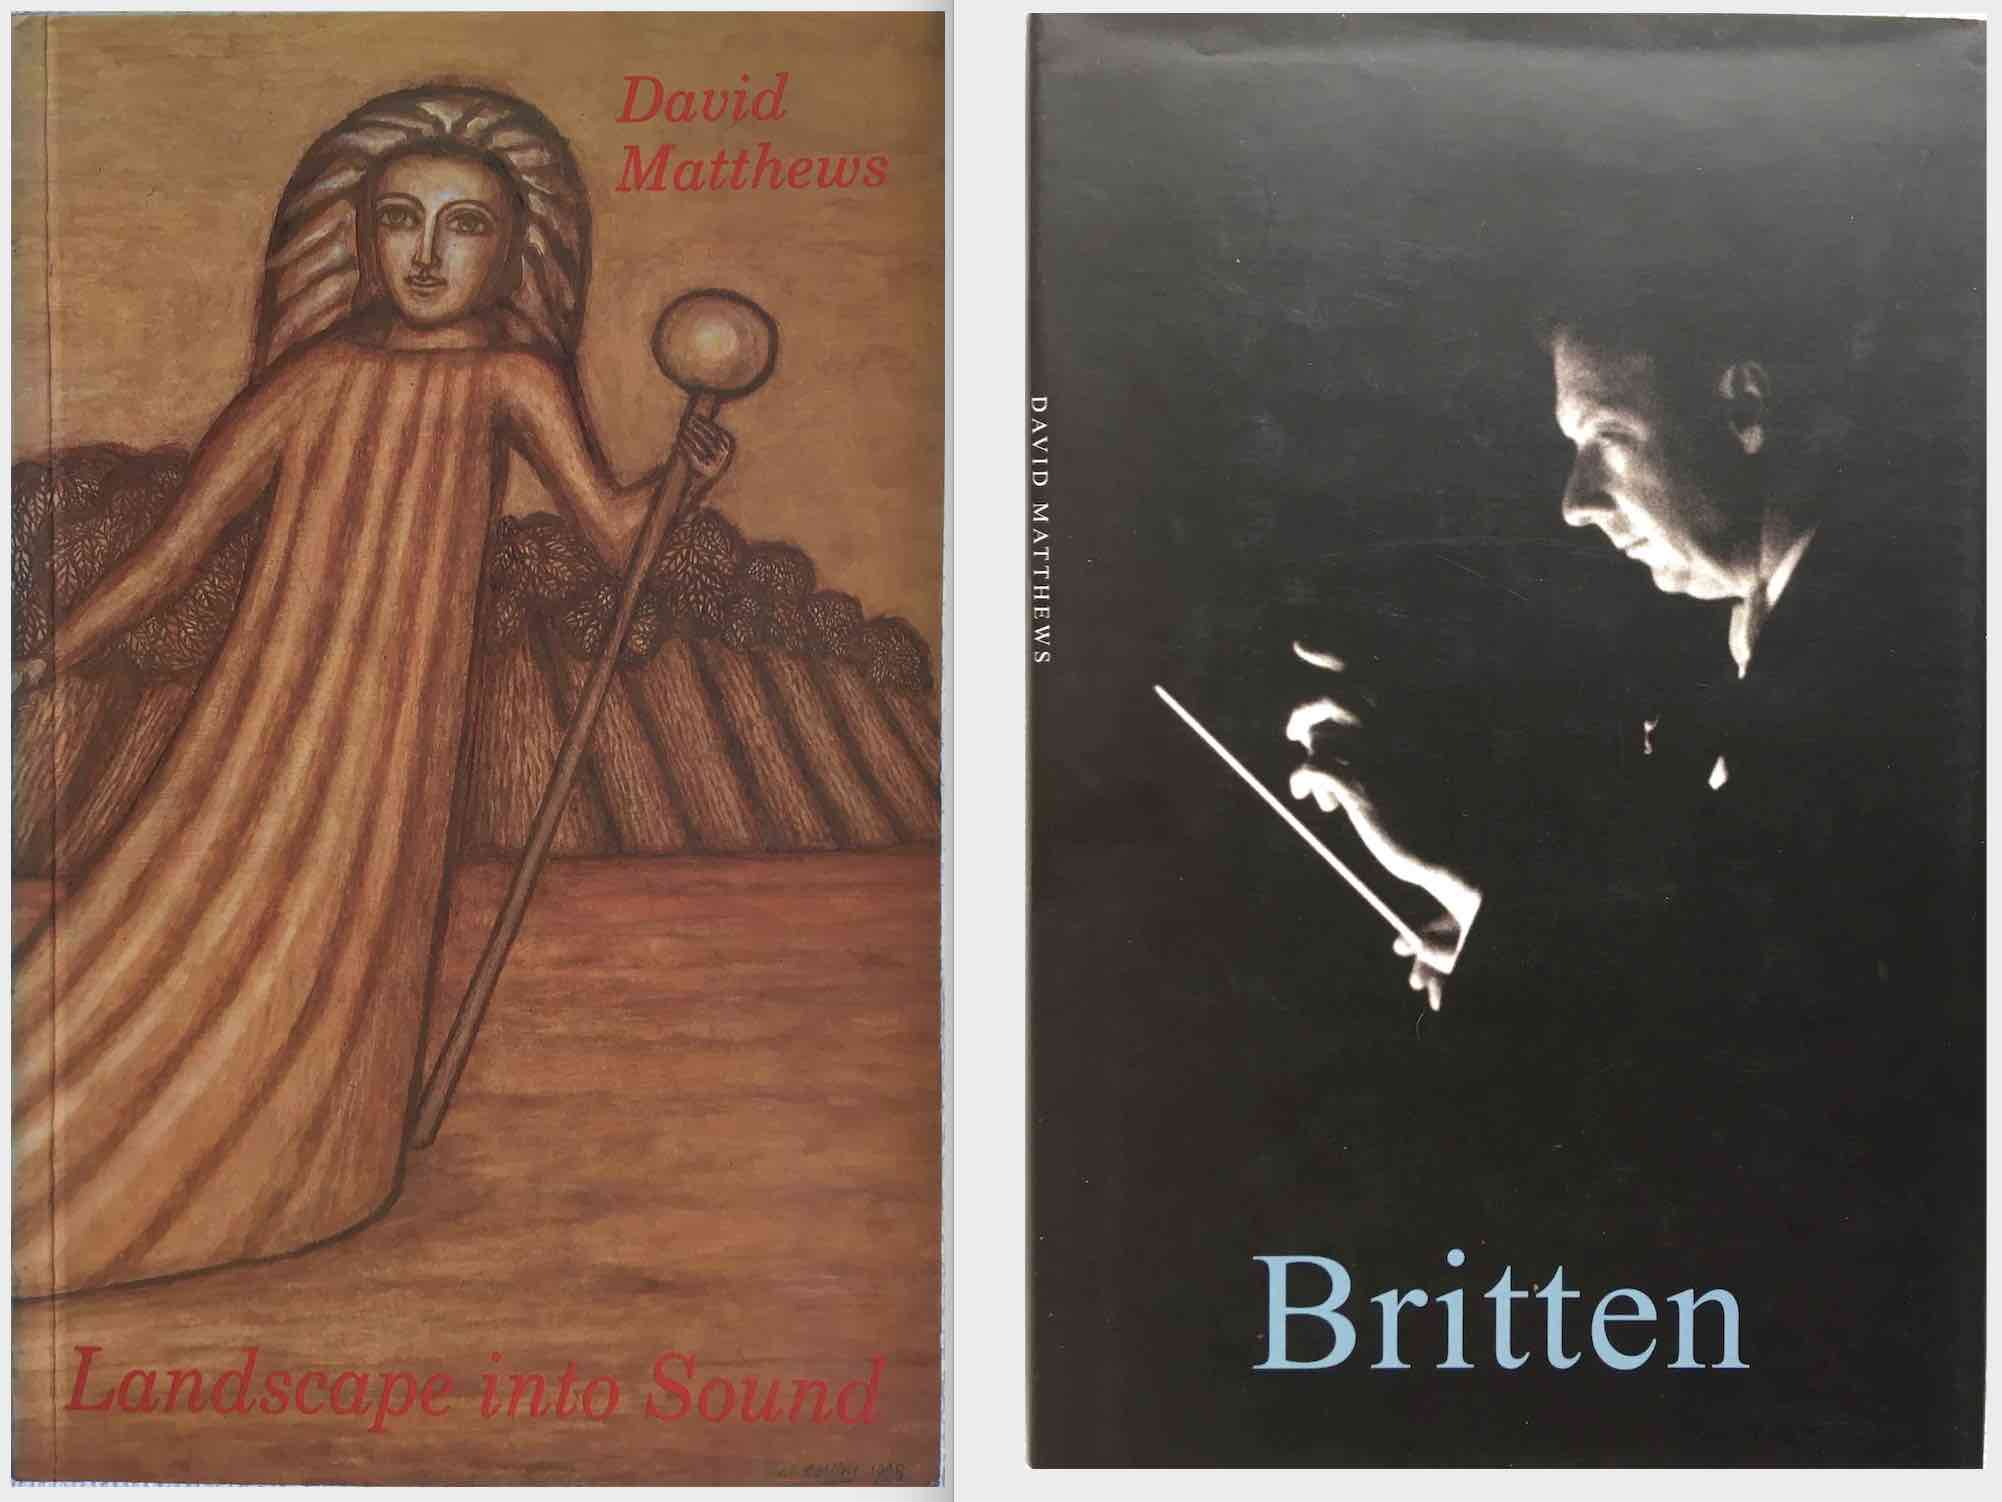 David's books include  LANDSCAPE INTO SOUND  and  BRITTEN .